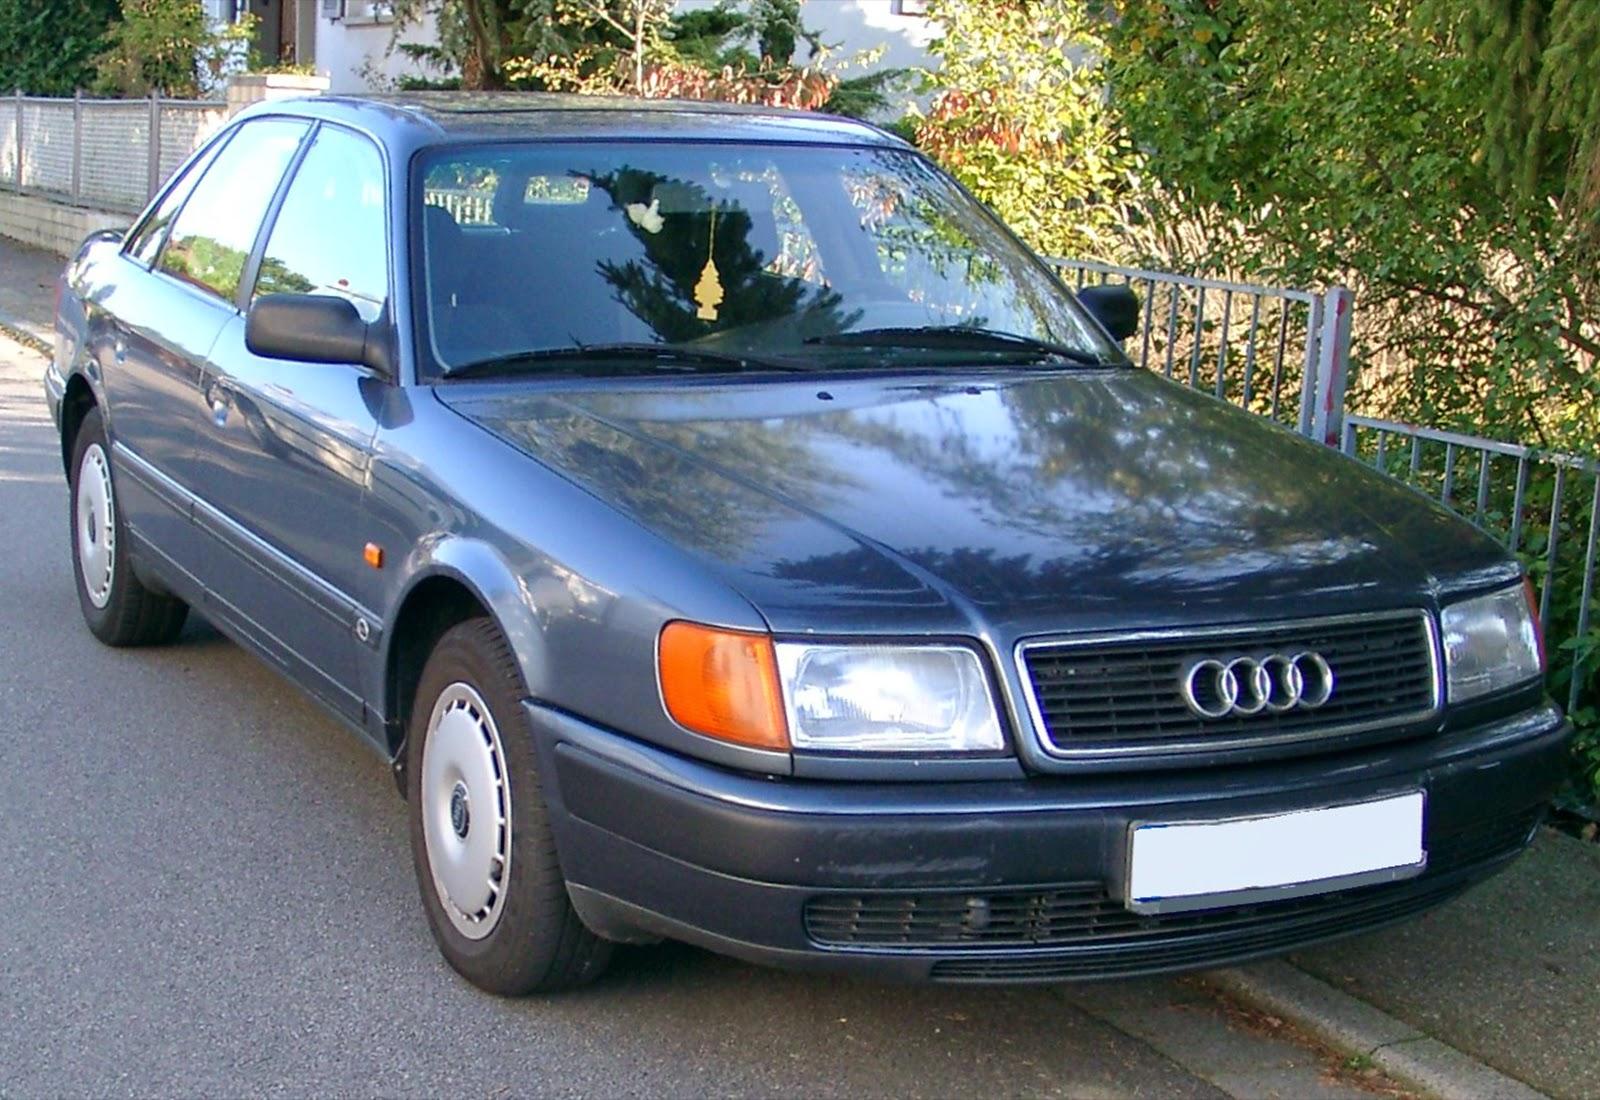 automotive database audi 100 rh autocarbase com 1991 Audi 100 1992 Audi 100s Sedan